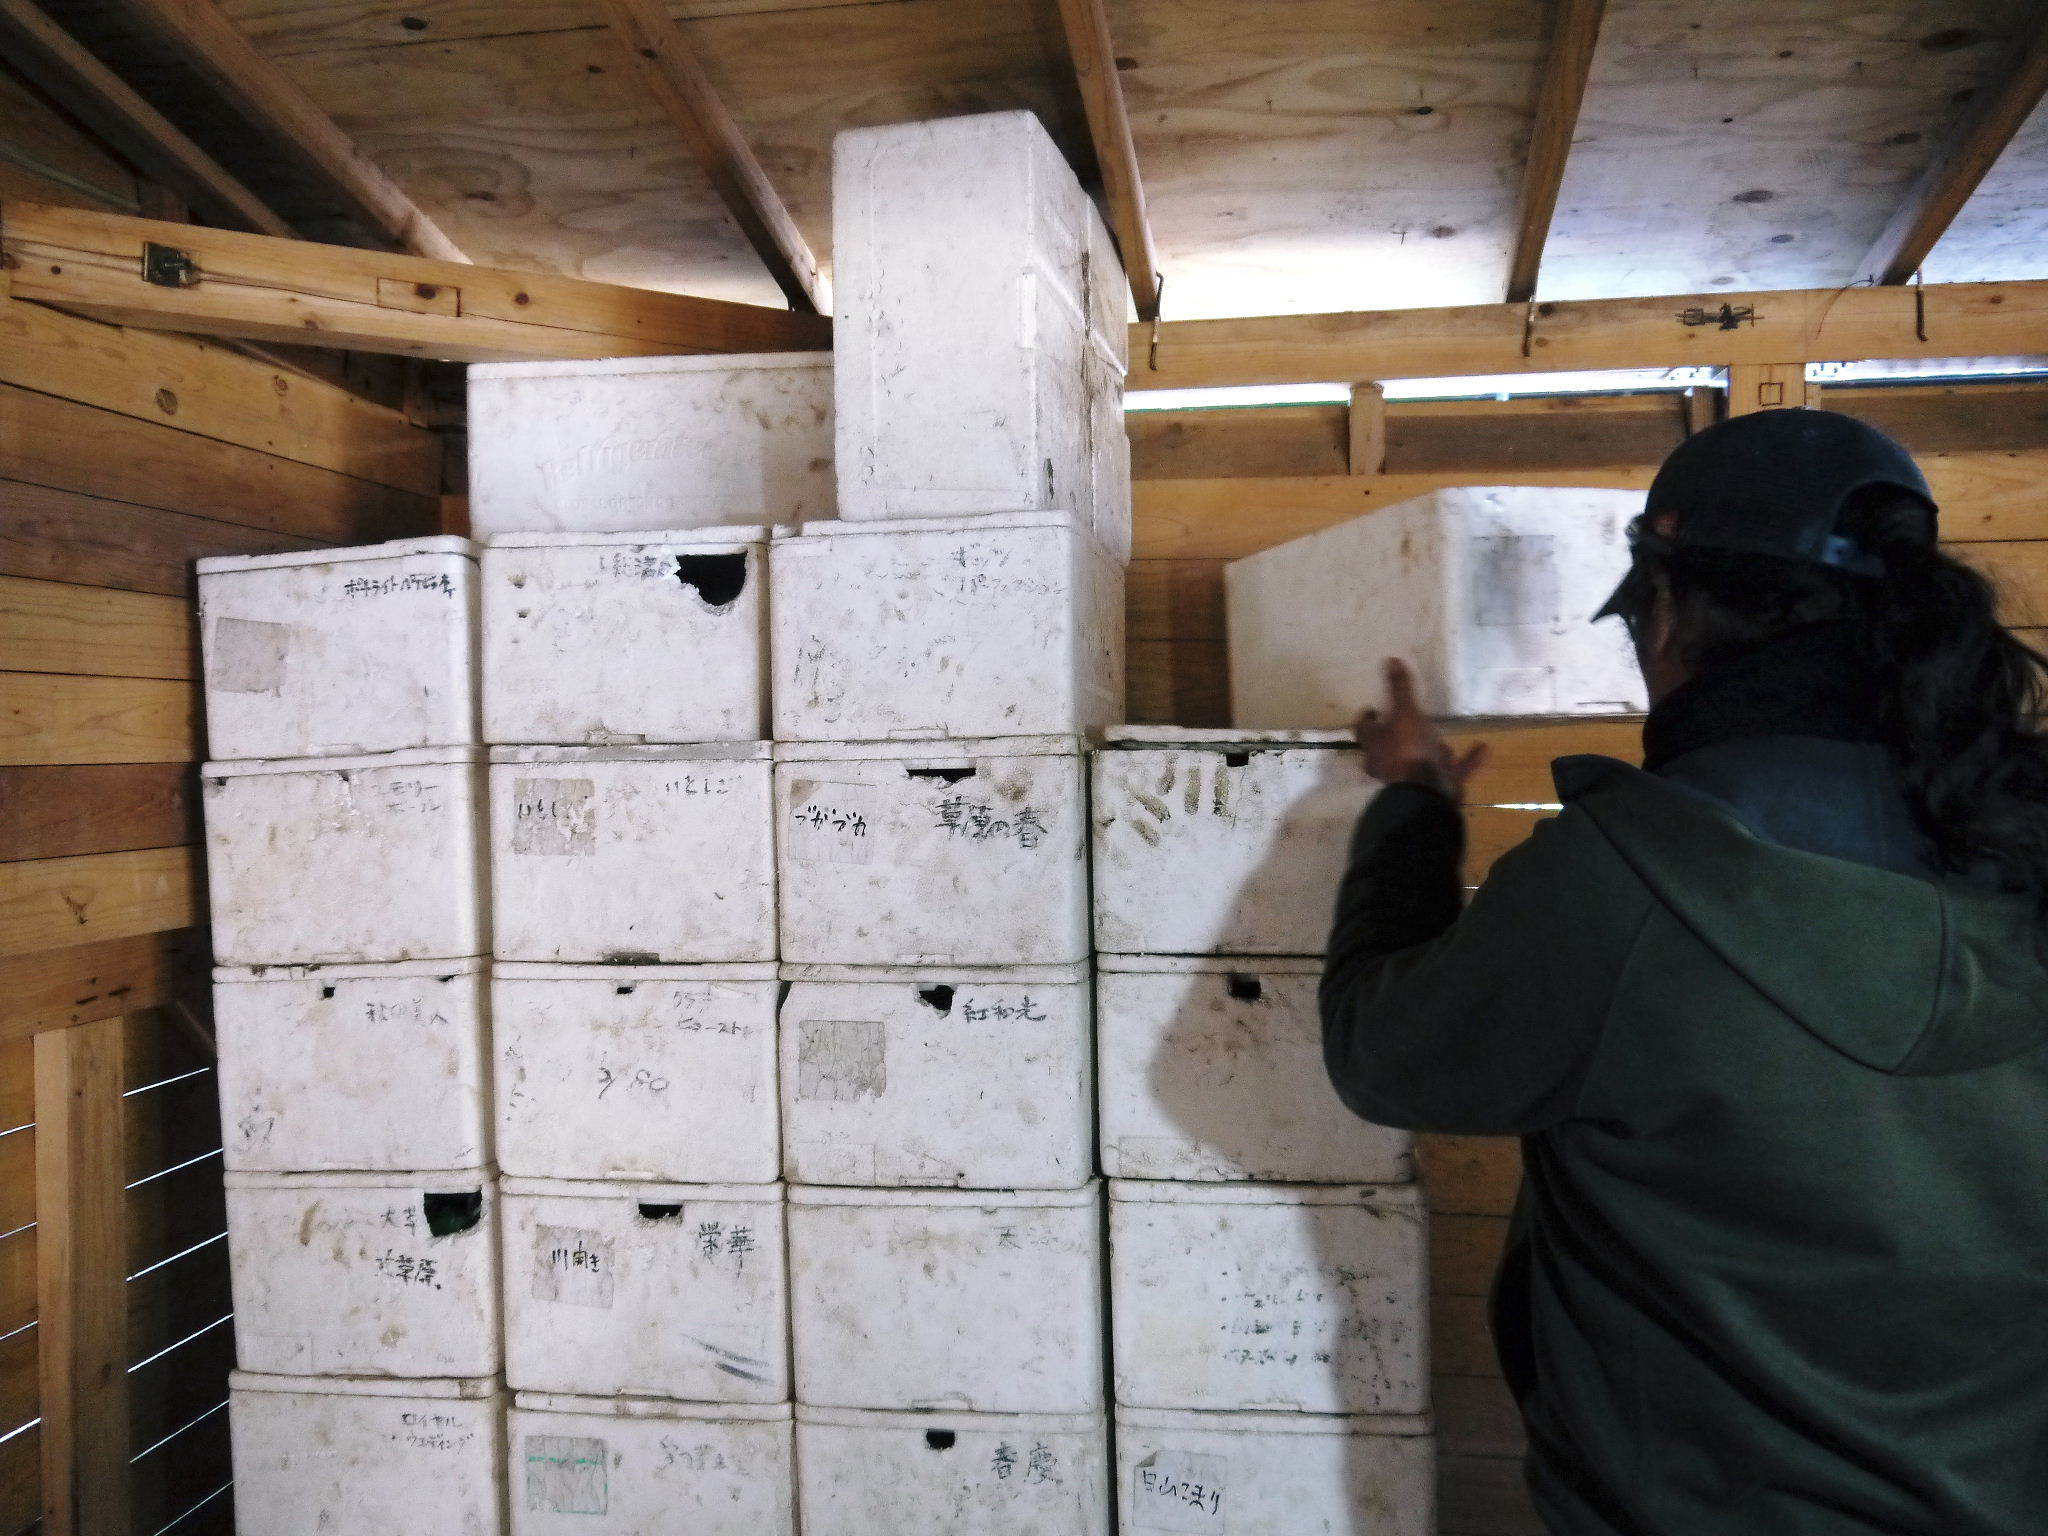 令和2年の『ダリアの球根』販売スタート!!独占販売や希少品種のまずは確実に芽吹く球根の17品種を販売開始!_a0254656_16504199.jpg